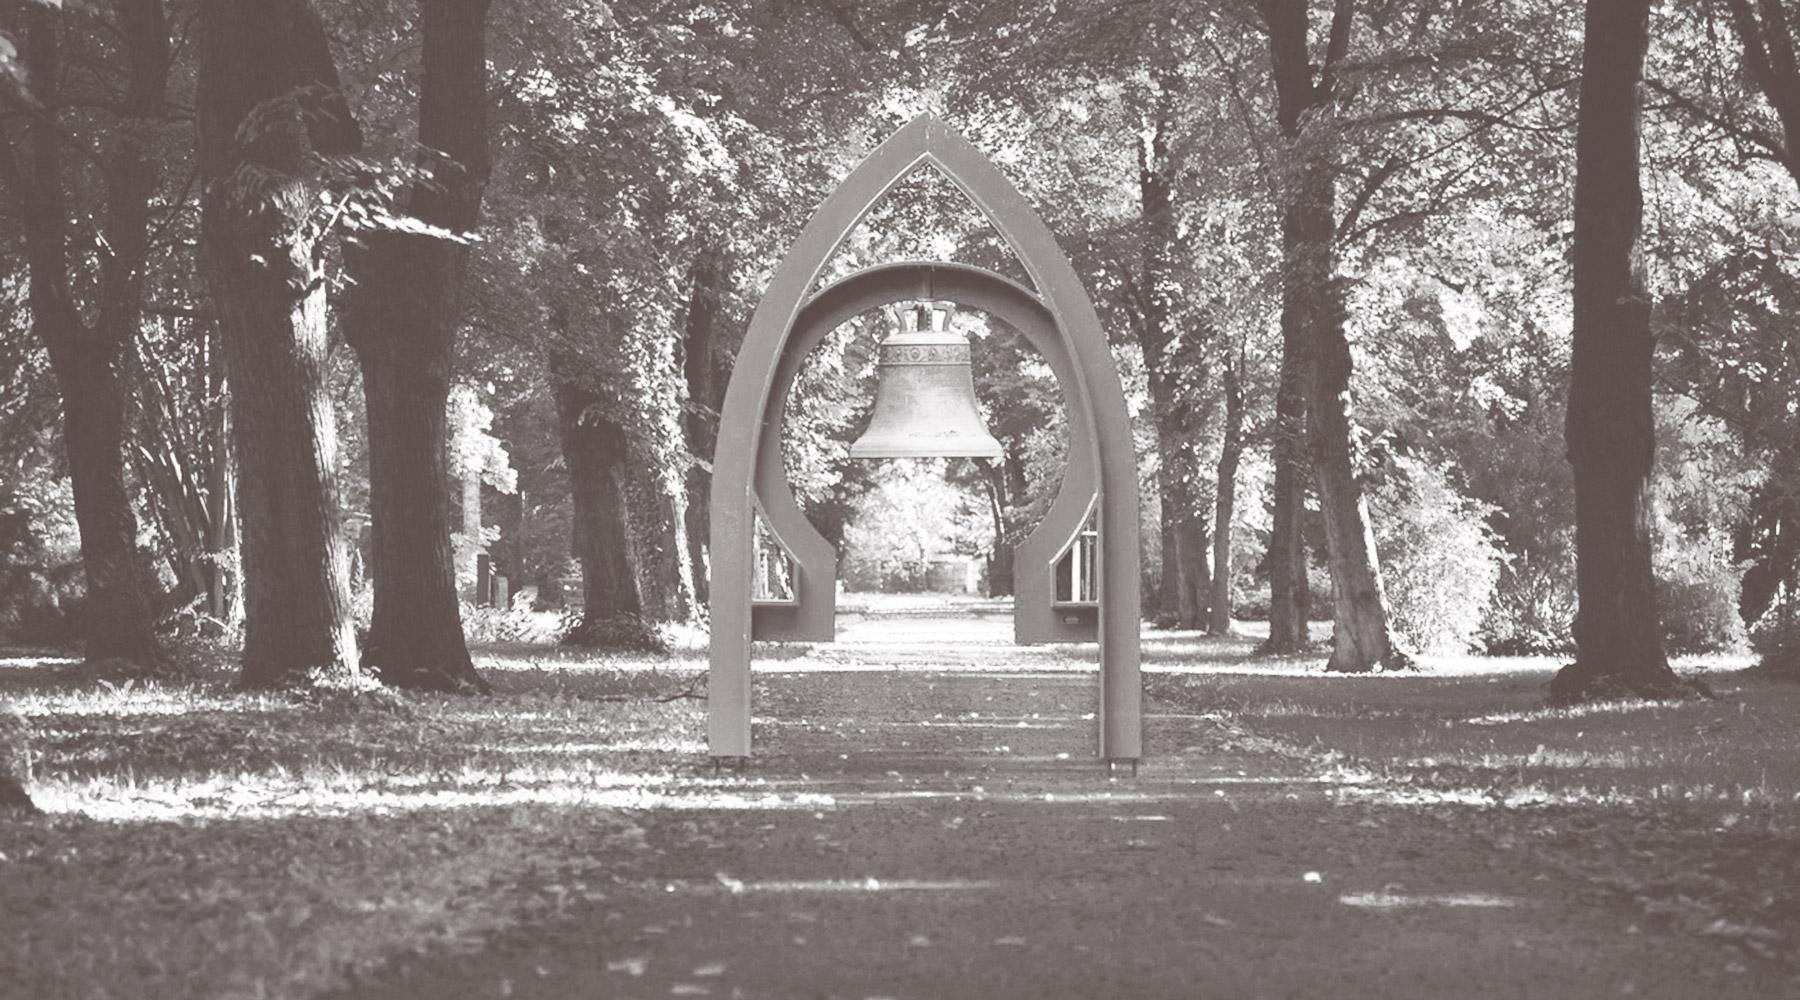 Glocke des Städtischen Bestattungswesen SBWL Südfriedhof